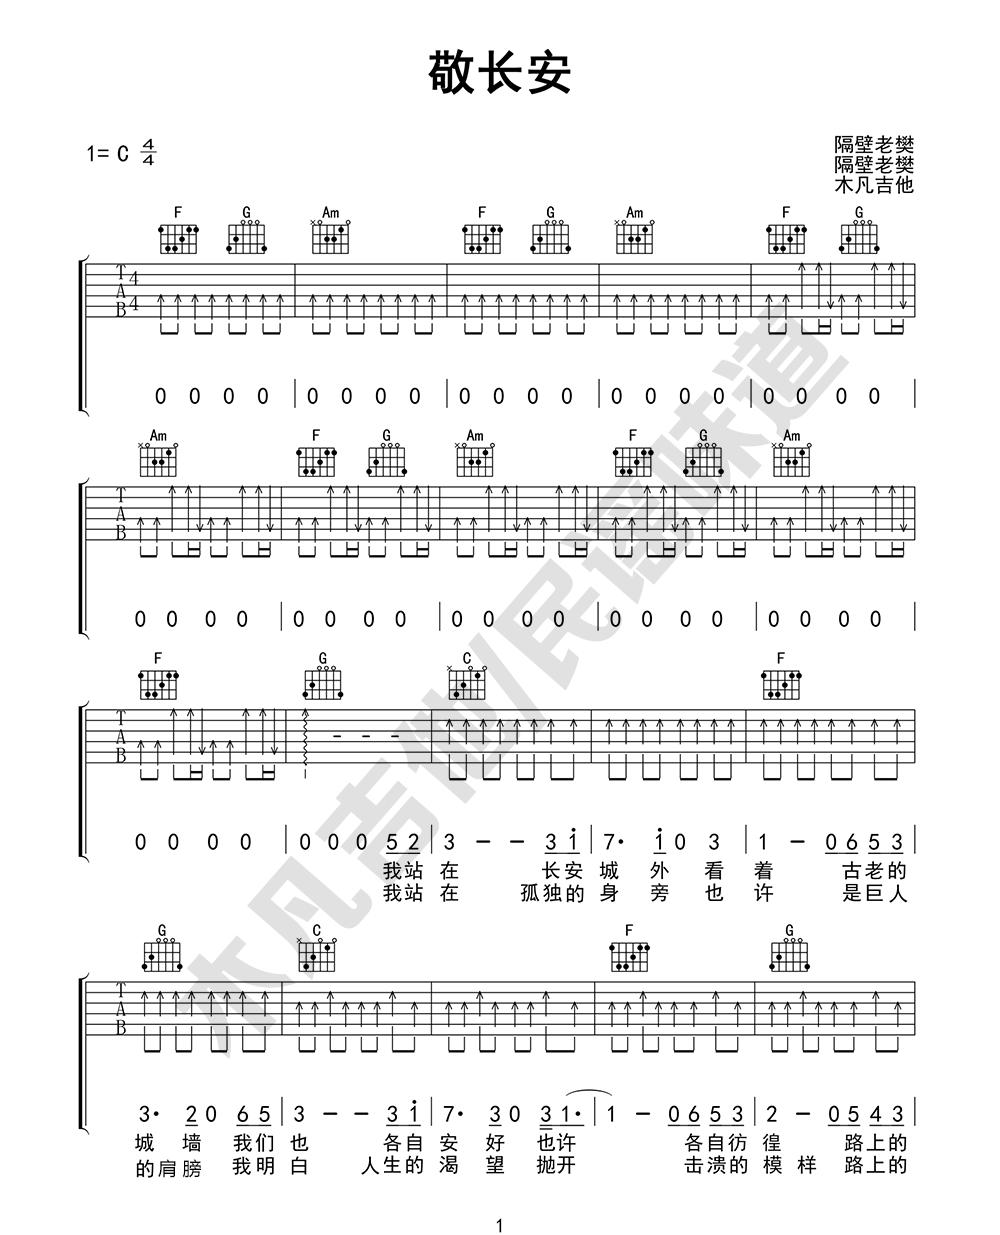 《敬长安》吉他谱_隔壁老樊_C调原版弹唱六线谱_高清图片谱1